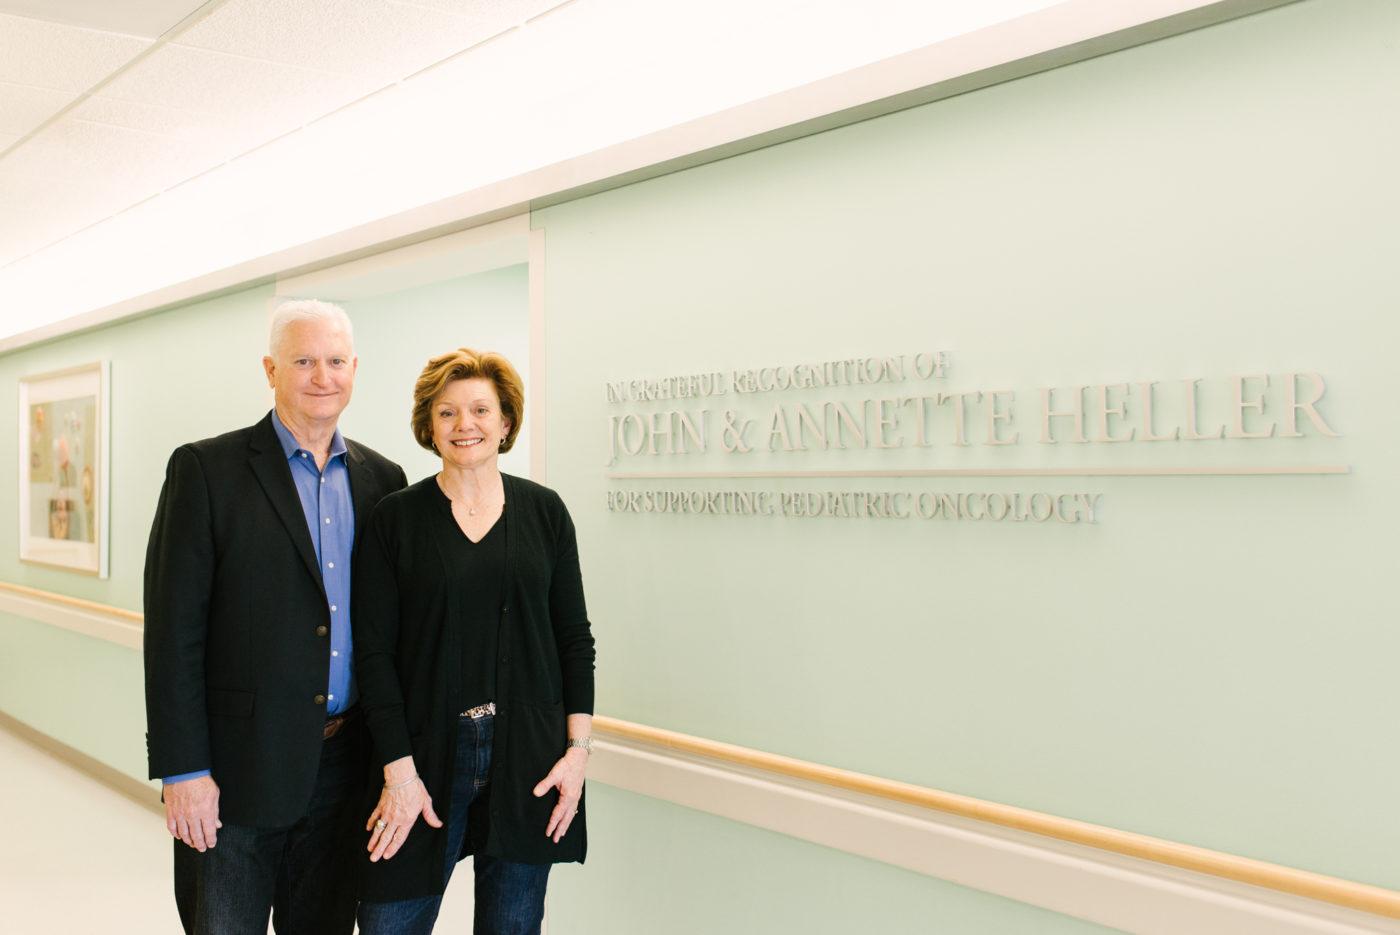 John and Annette Heller